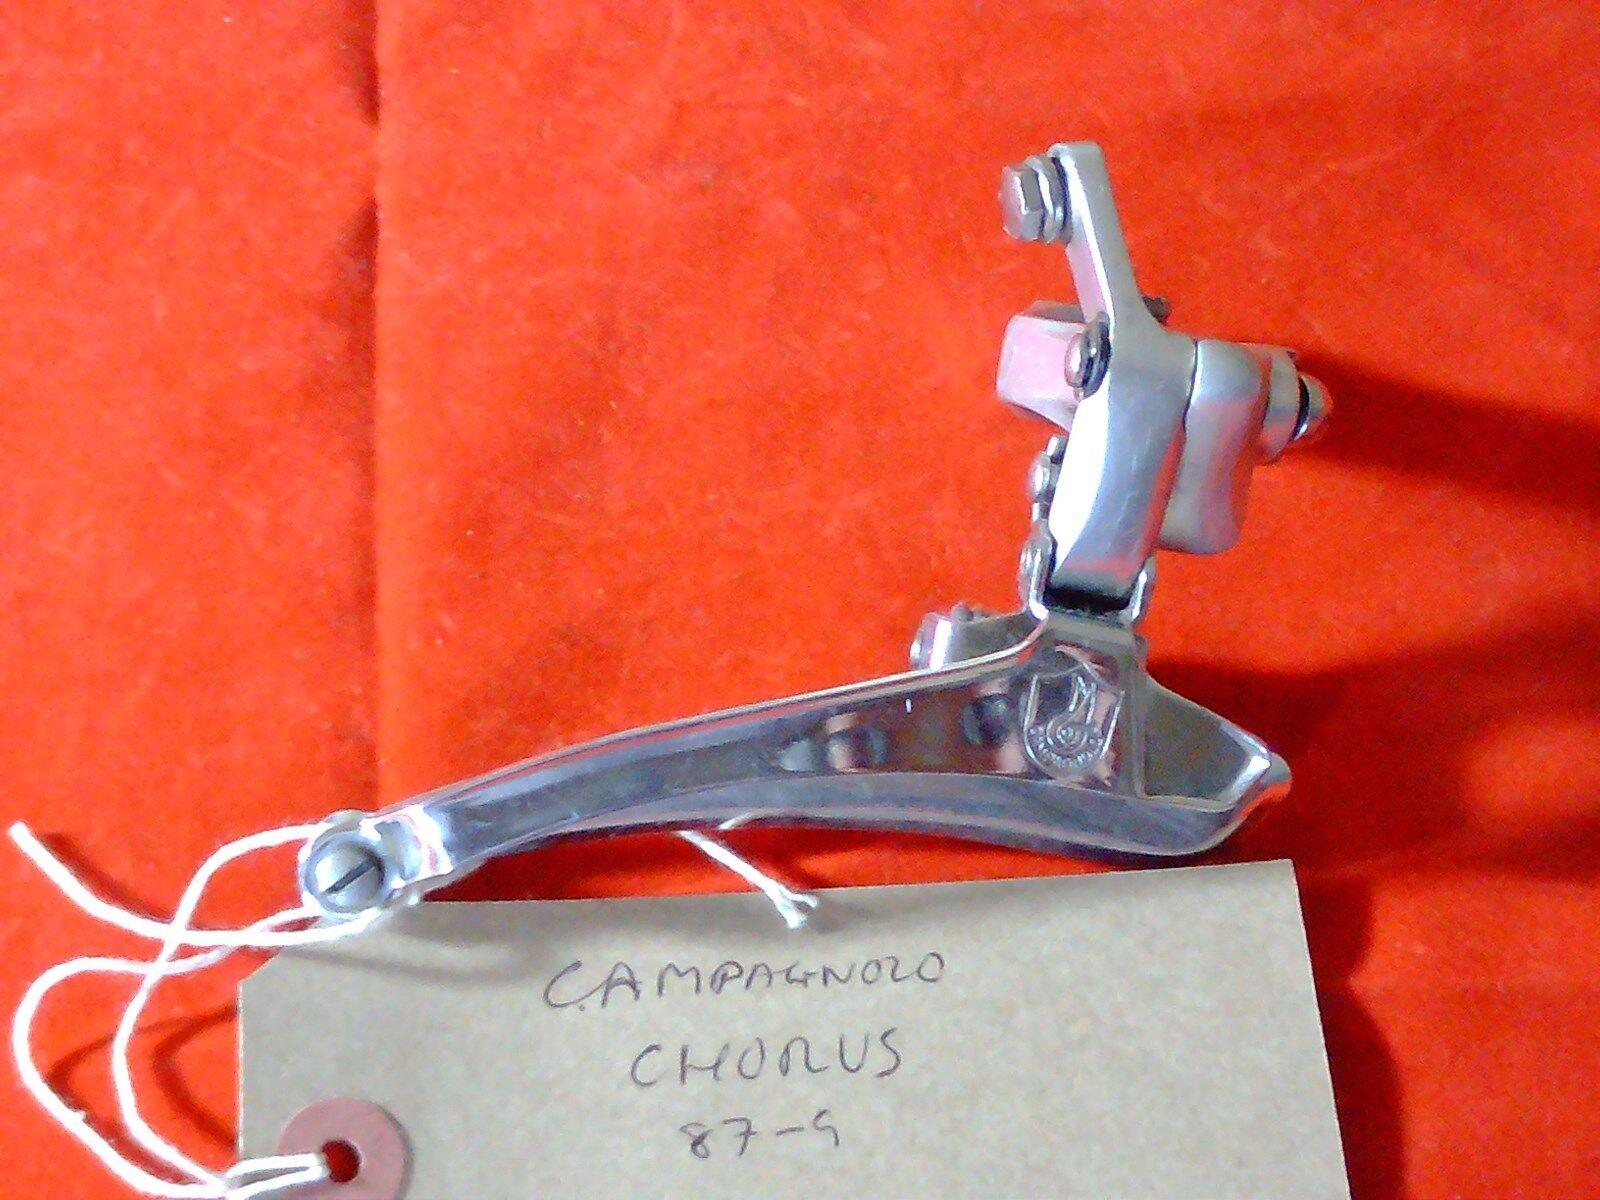 CAMPAGNOLO CHORUS  FRONT DERAILLEUR, 80's-90's